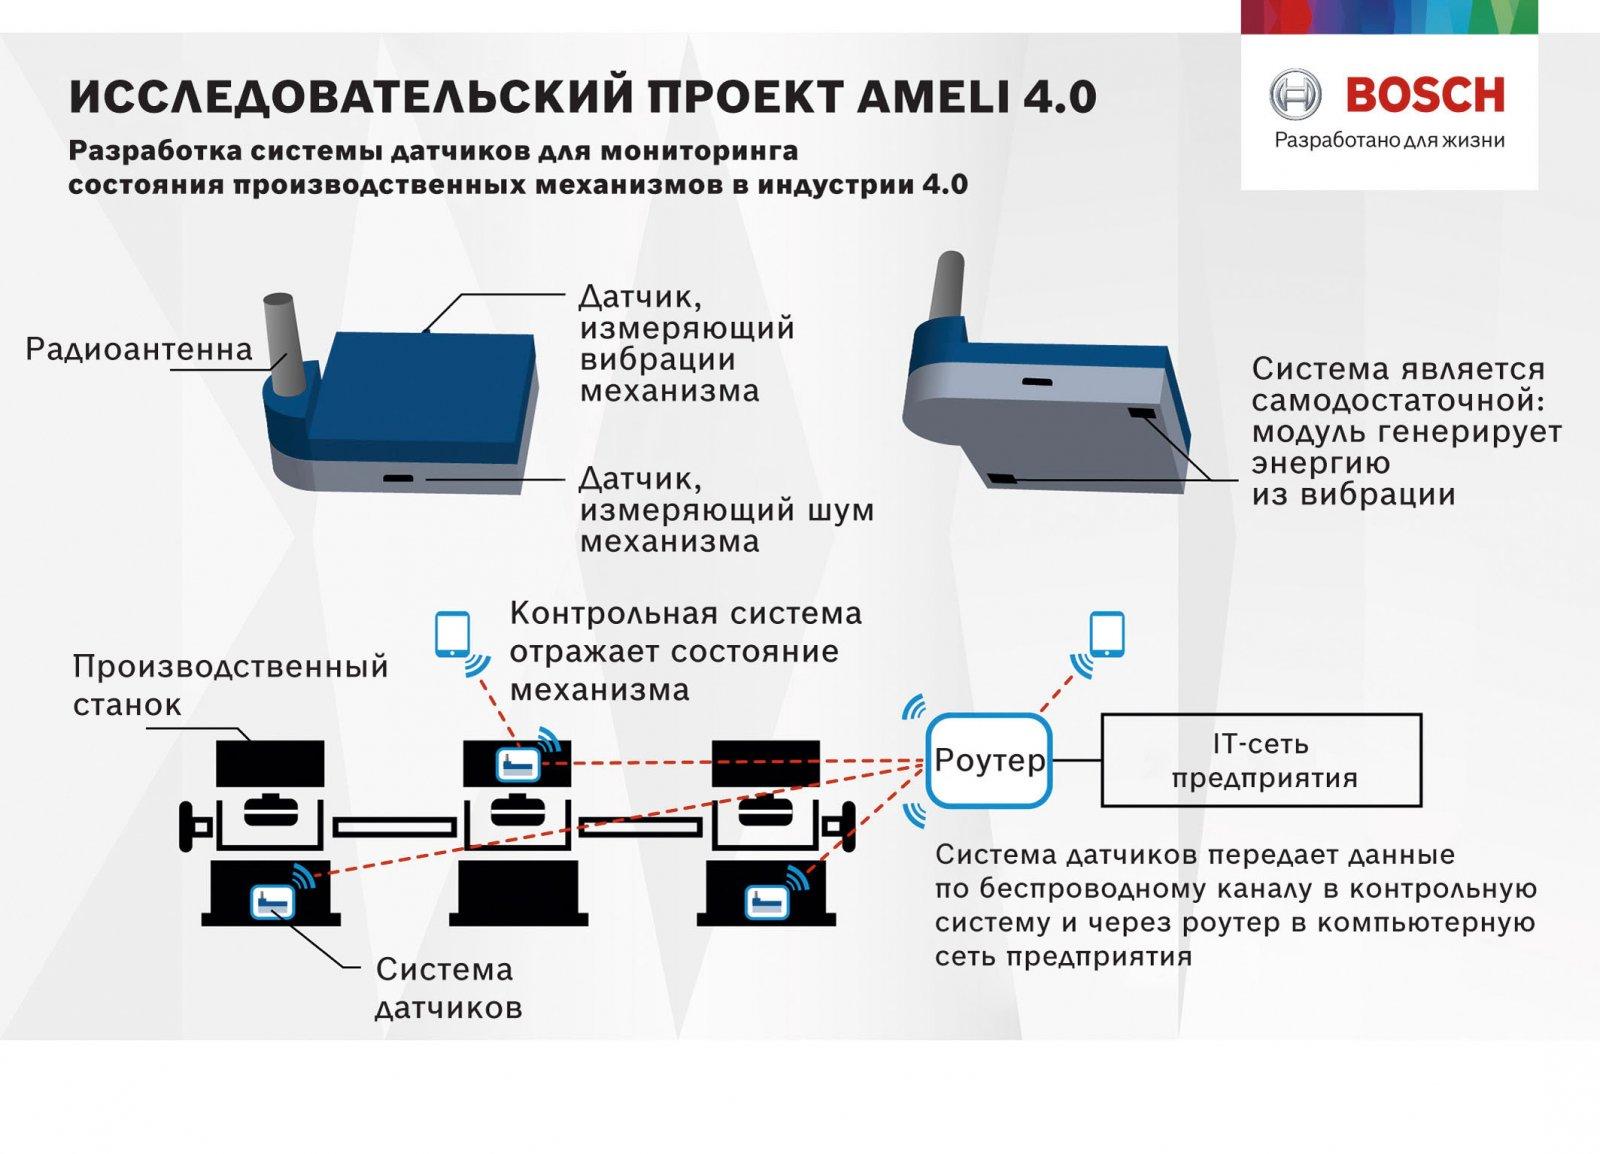 Мониторинг процессов производства с использованием «умных» датчиков